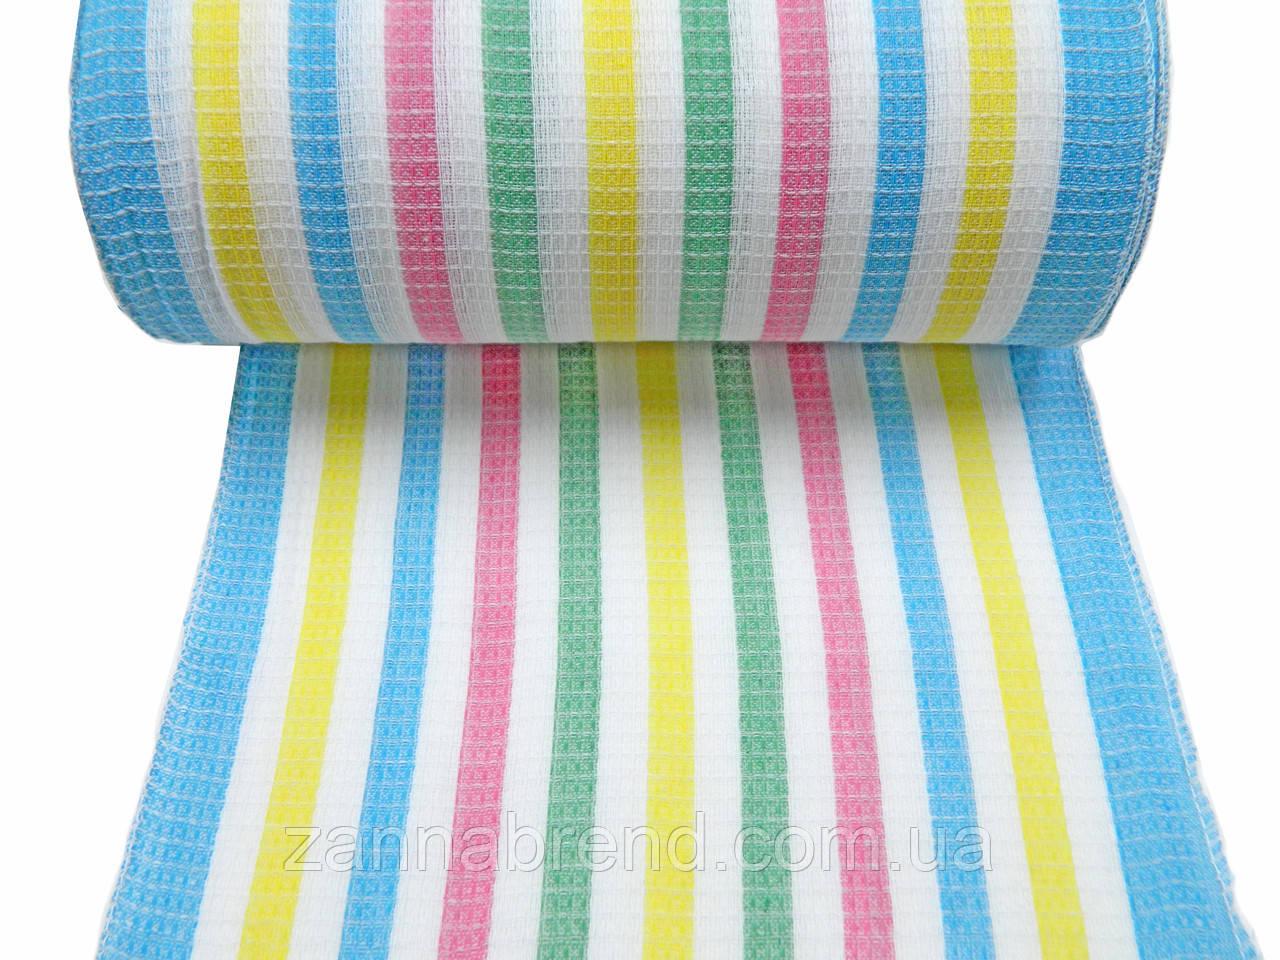 Купить вафельную ткань на полотенца купить ткань для покрывала в самаре